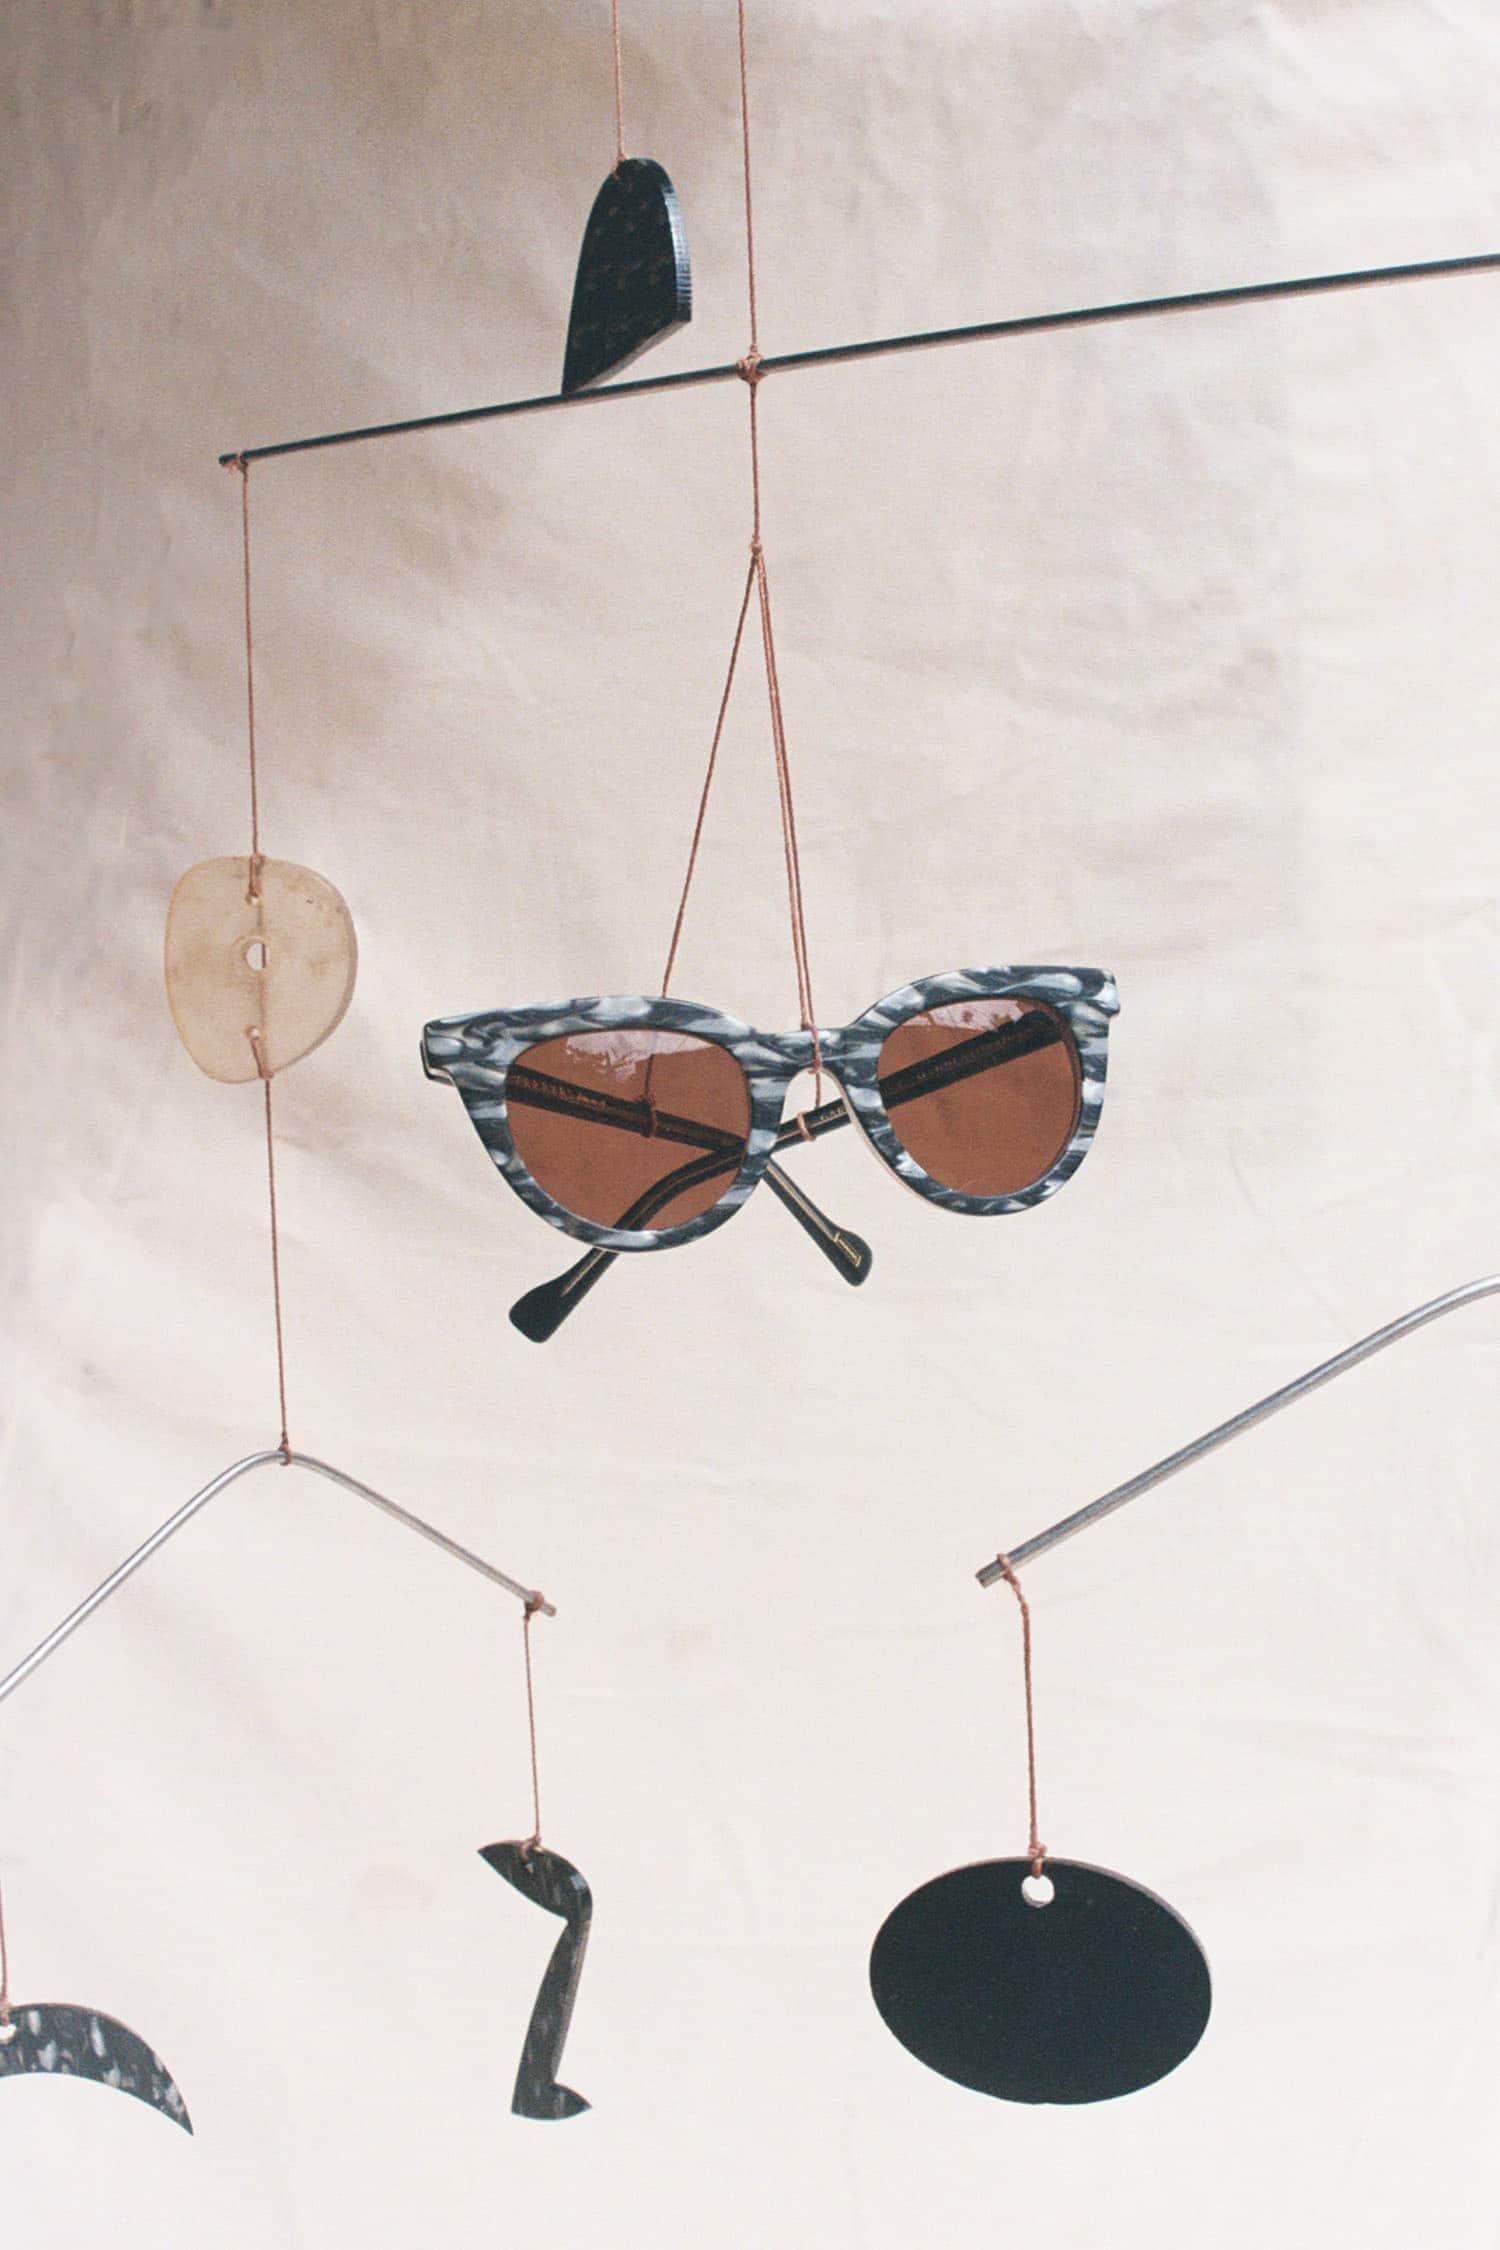 0e3b63cca2dde Óculos Zerezes com Ahlma – Moda Masculina por Fábio Monnerat